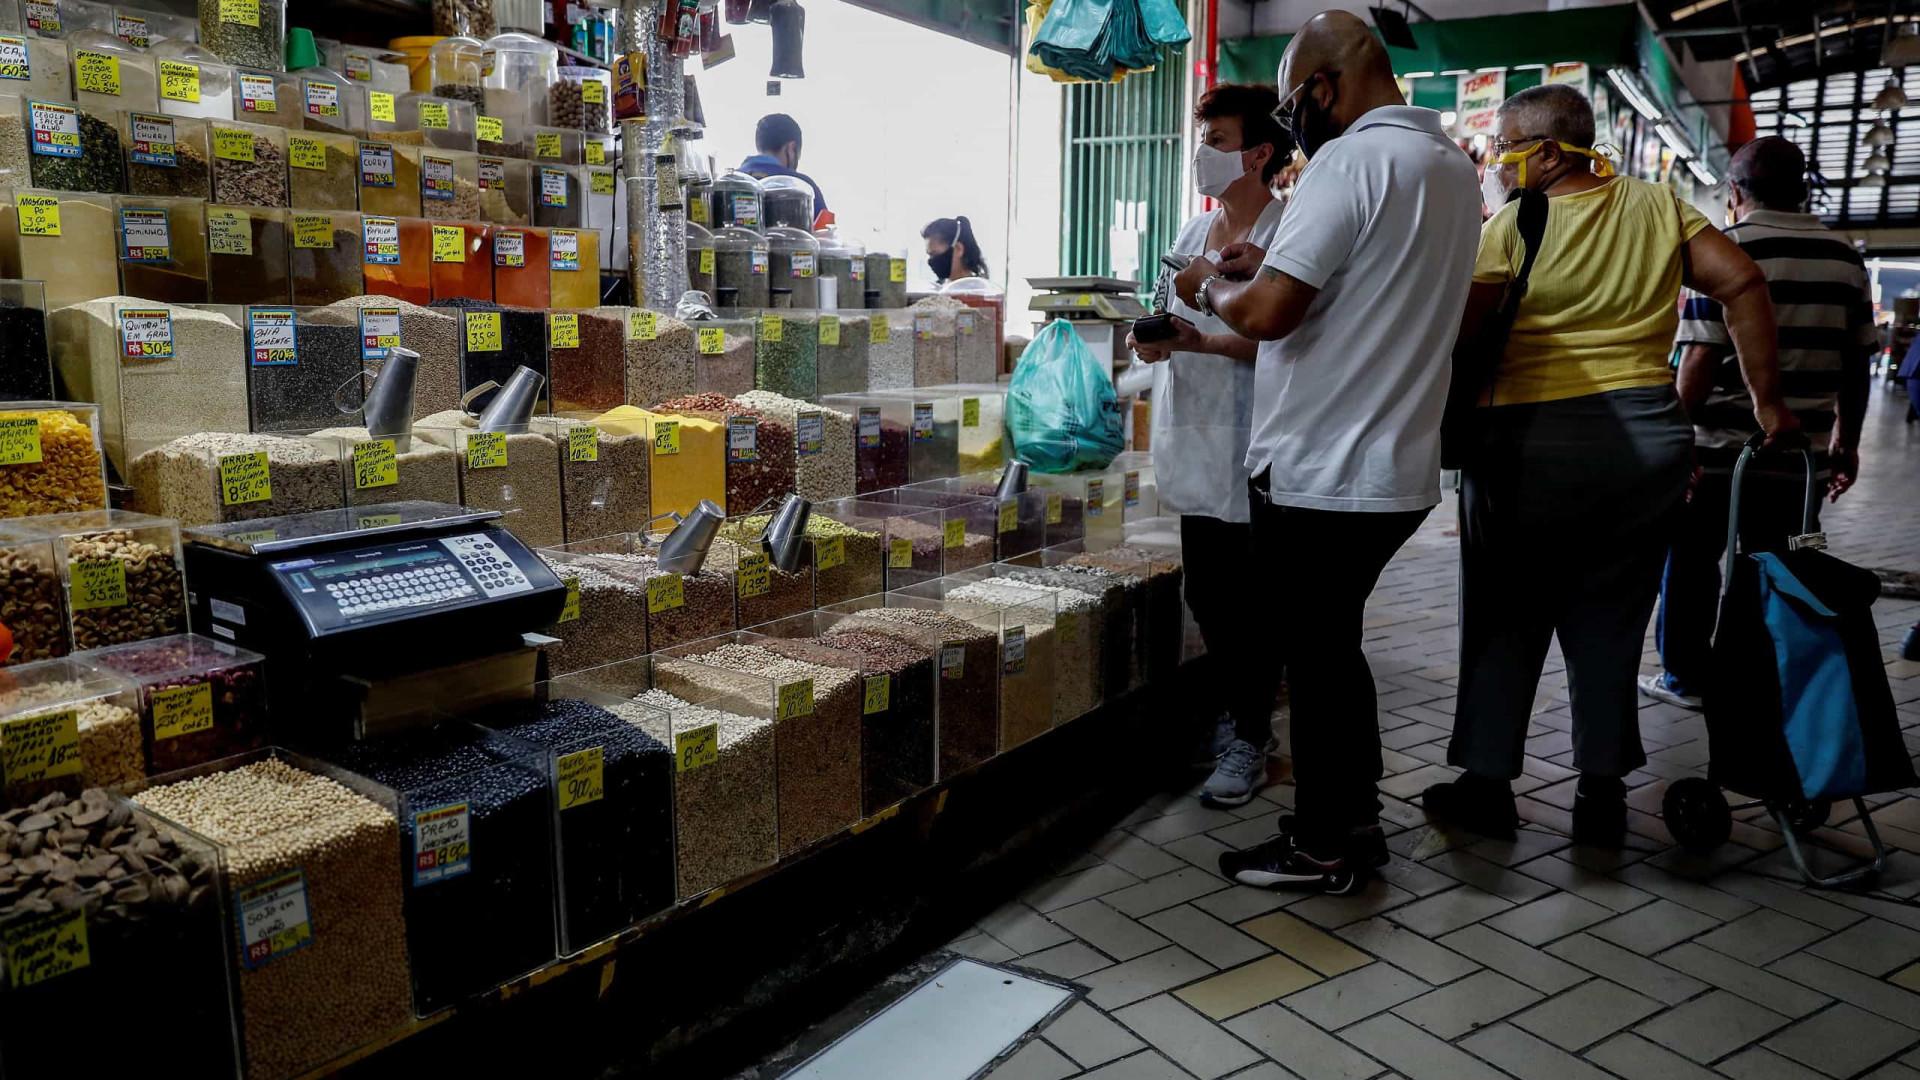 Brasil cria plástico que inativa o novo coronavírus em minutos